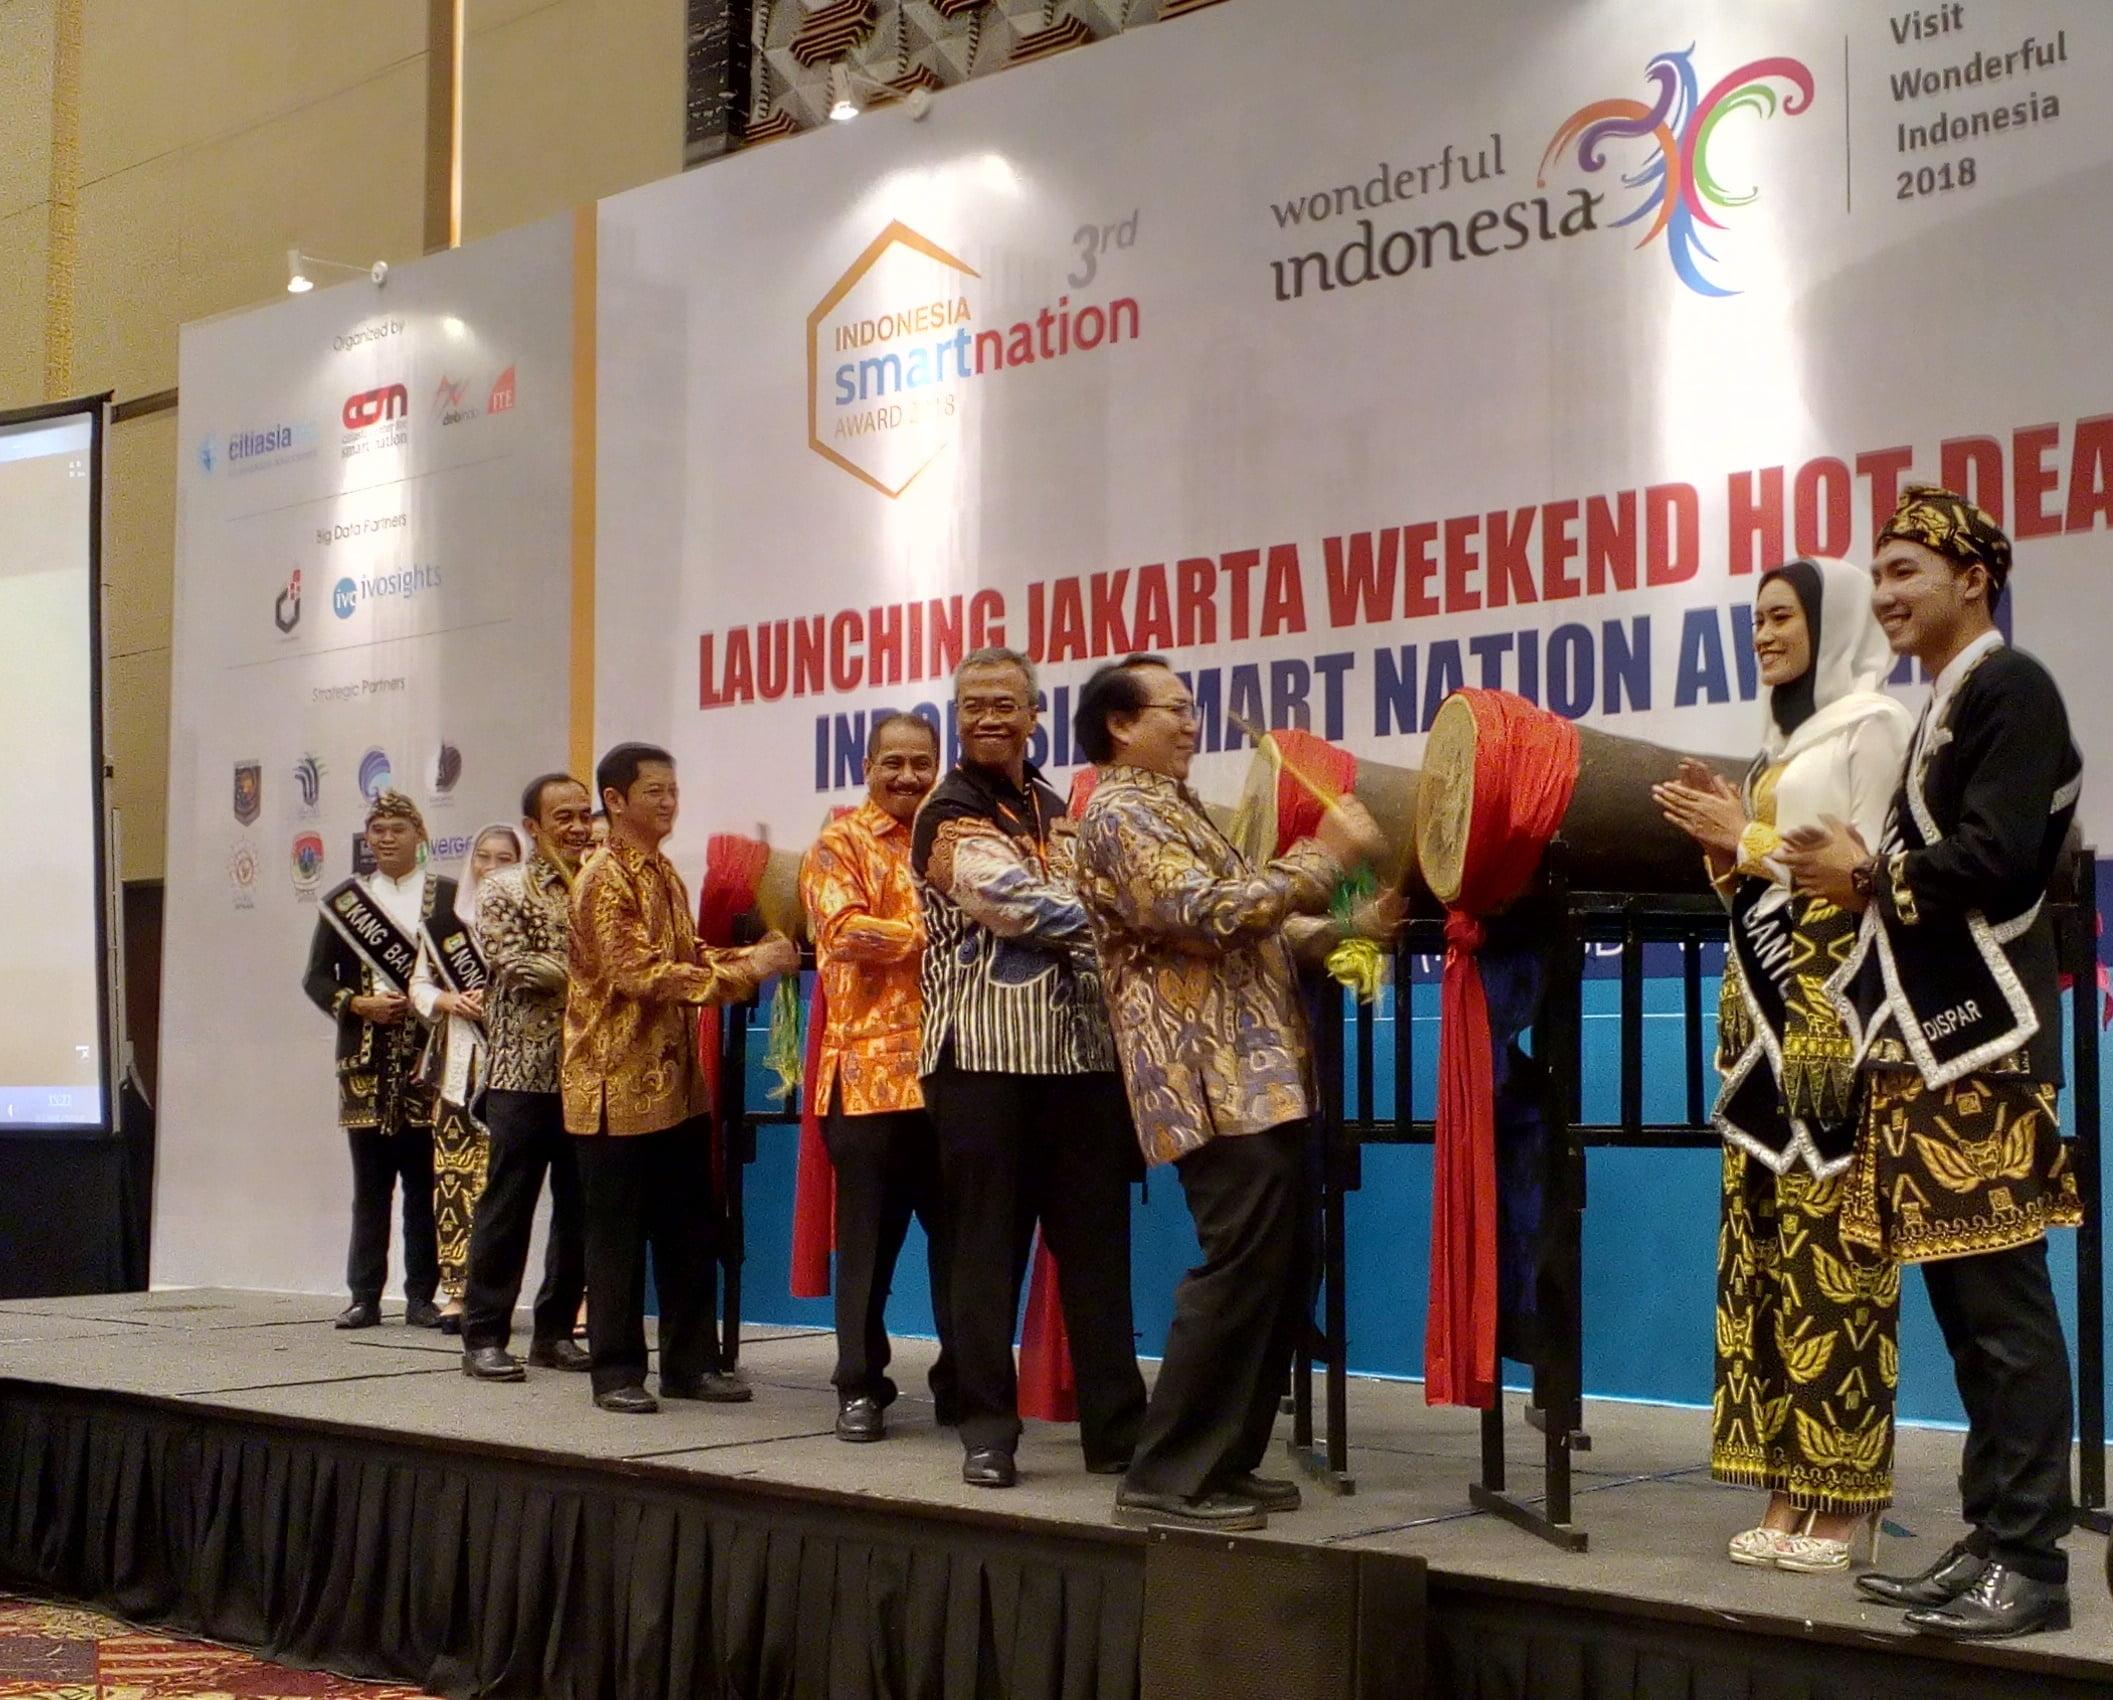 Paket Jakarta Weekend Hot Deals 2018 Diluncurkan